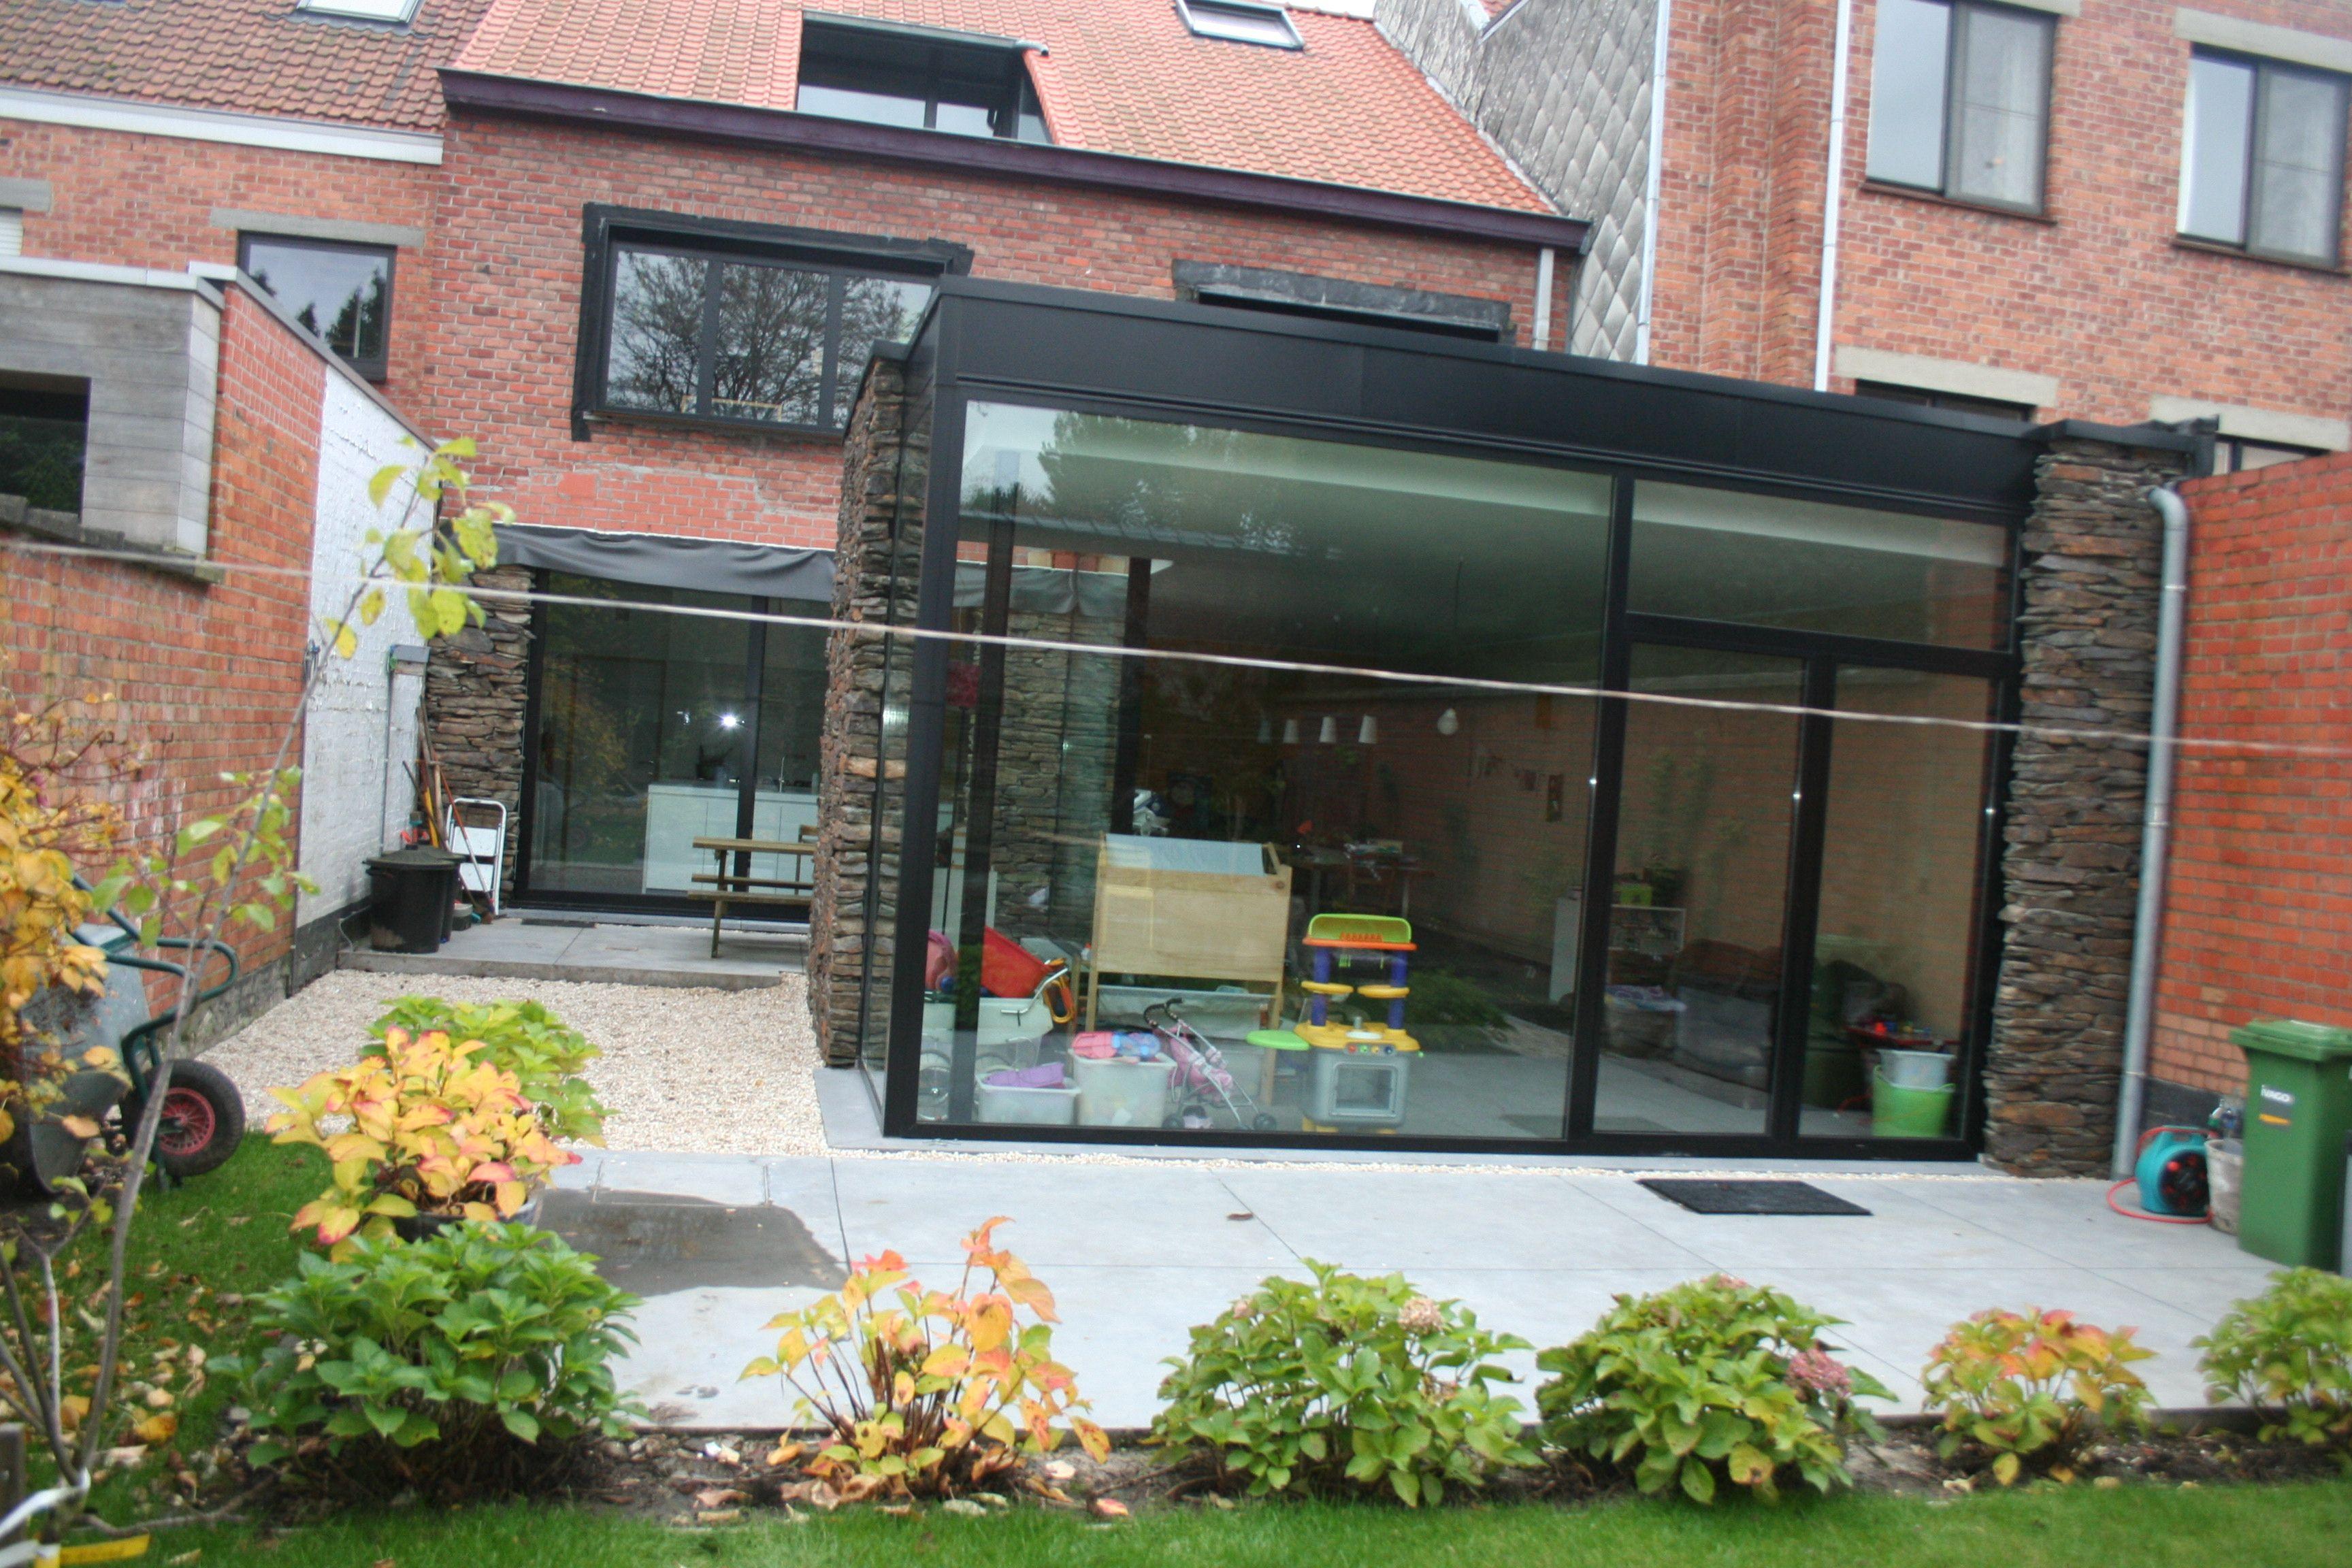 Uitbreiding leefruimte natuursteen en ramen architect own projects - Uitbreiding veranda ...